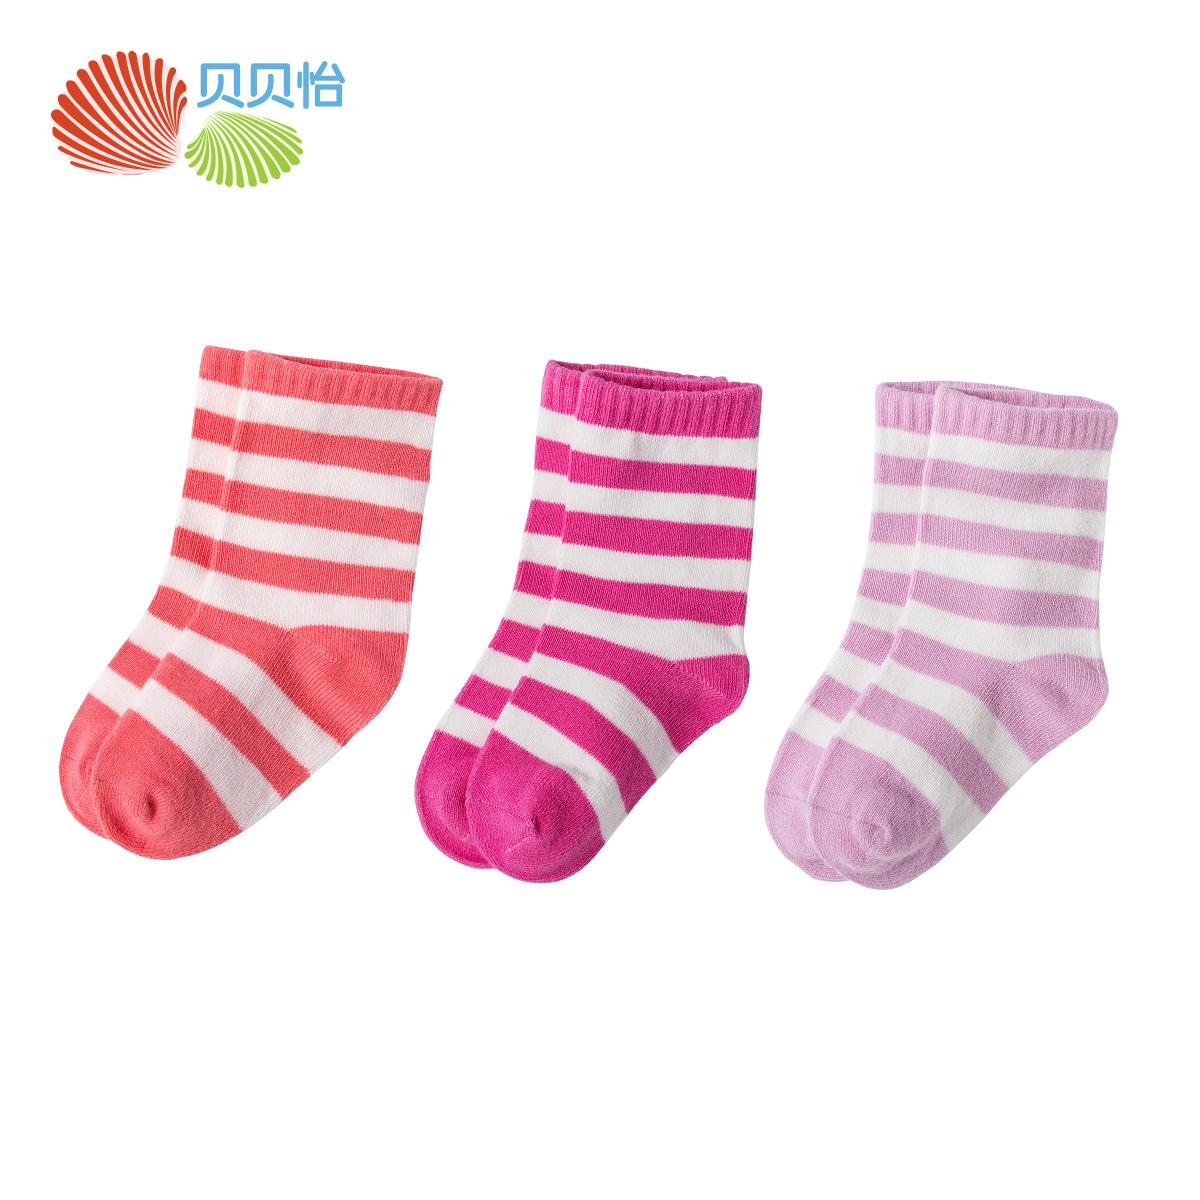 贝贝怡 婴儿袜子宝宝条纹袜柔软儿童棉袜新生儿袜3双装151P105